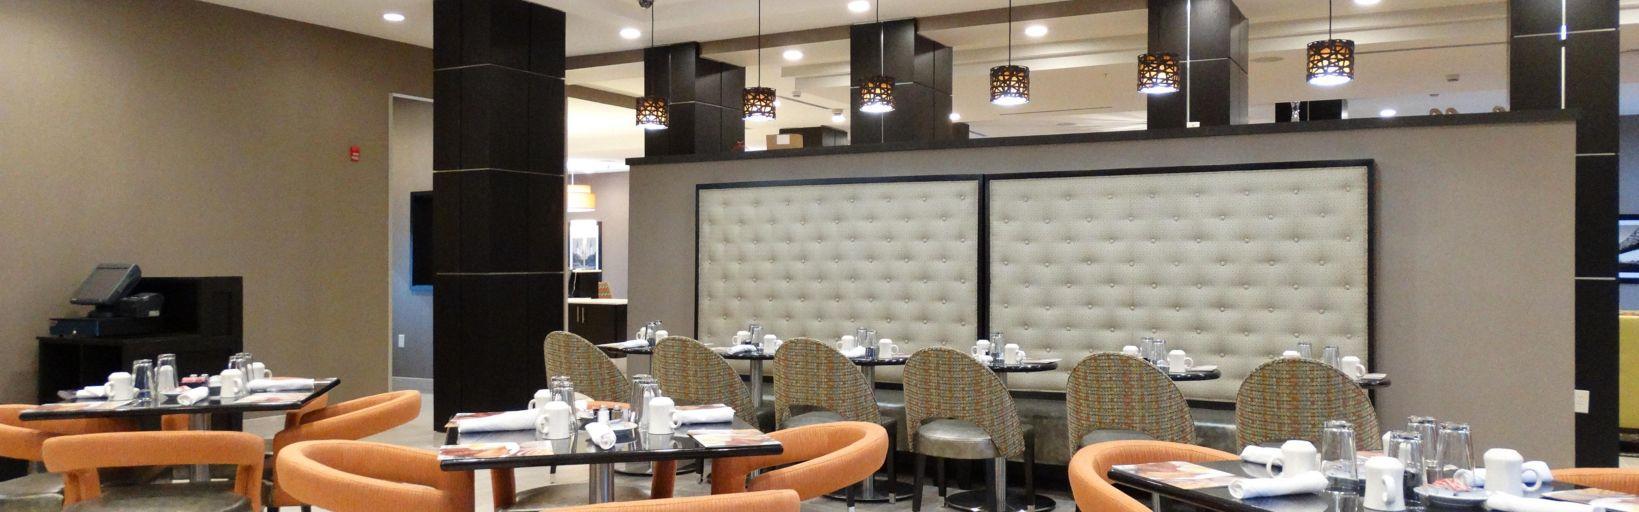 Restaurants Near Holiday Inn Covington